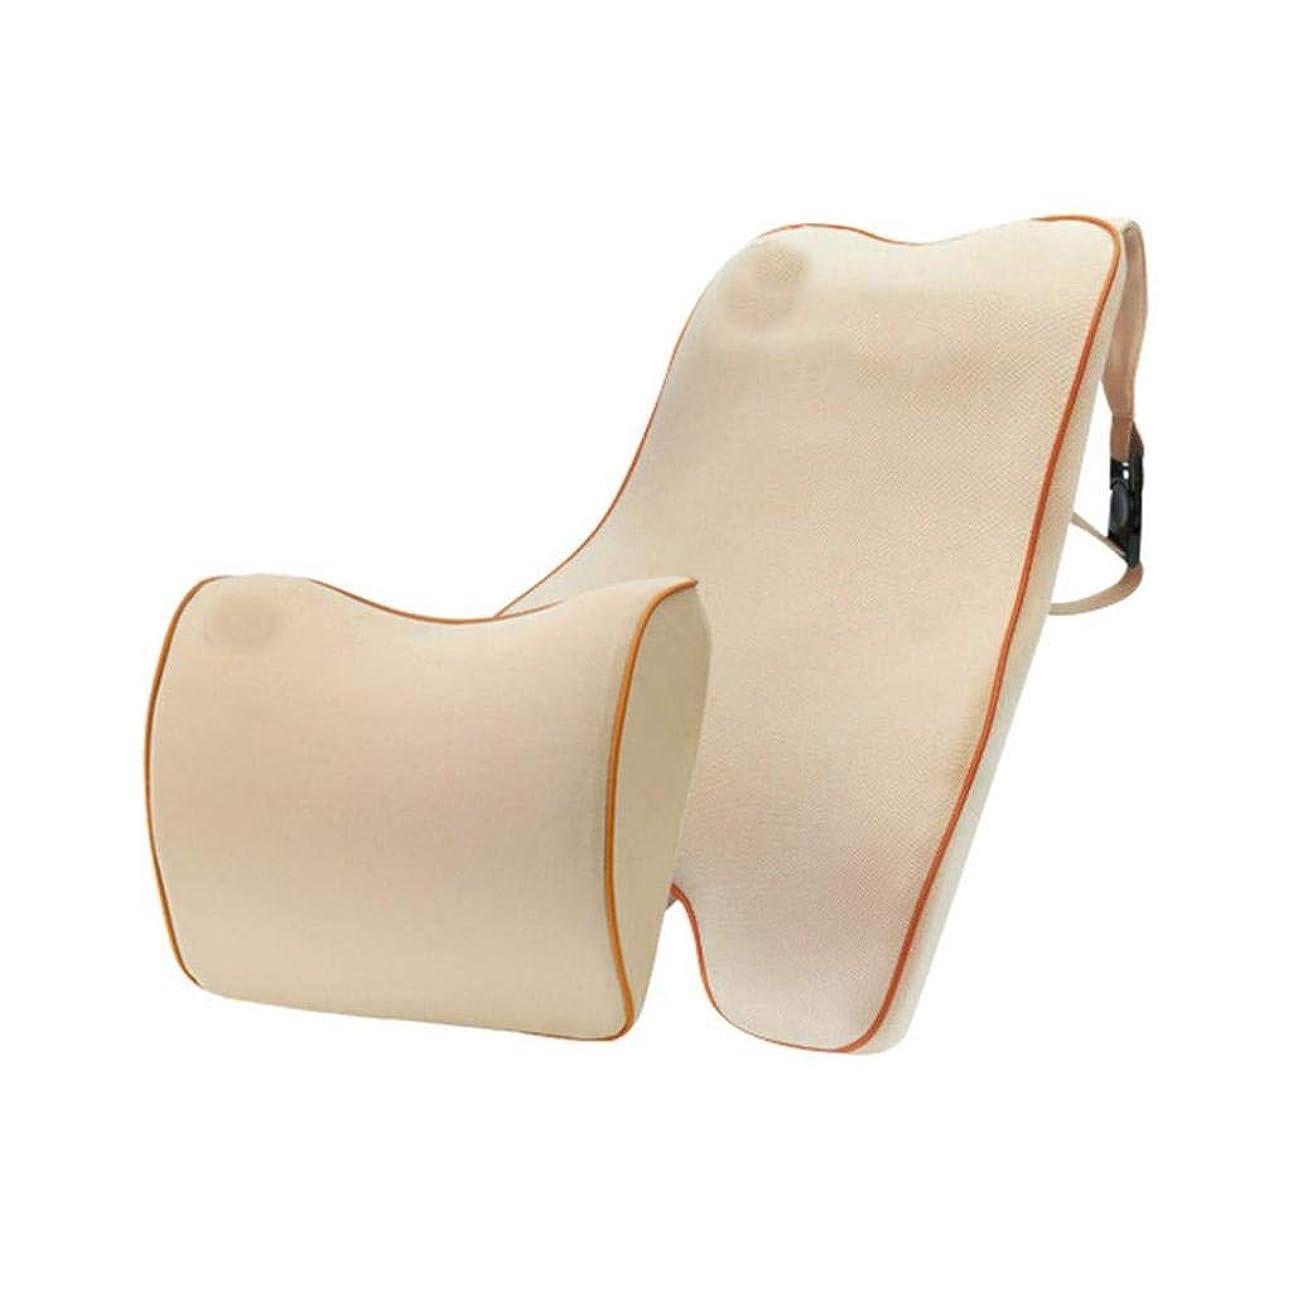 感情ギャンブル拮抗腰椎枕、首枕、低反発枕クッション腰椎サポート車のホームオフィスの椅子、人間工学に基づいた整形外科の設計は坐骨神経痛と尾骨の痛みを和らげます